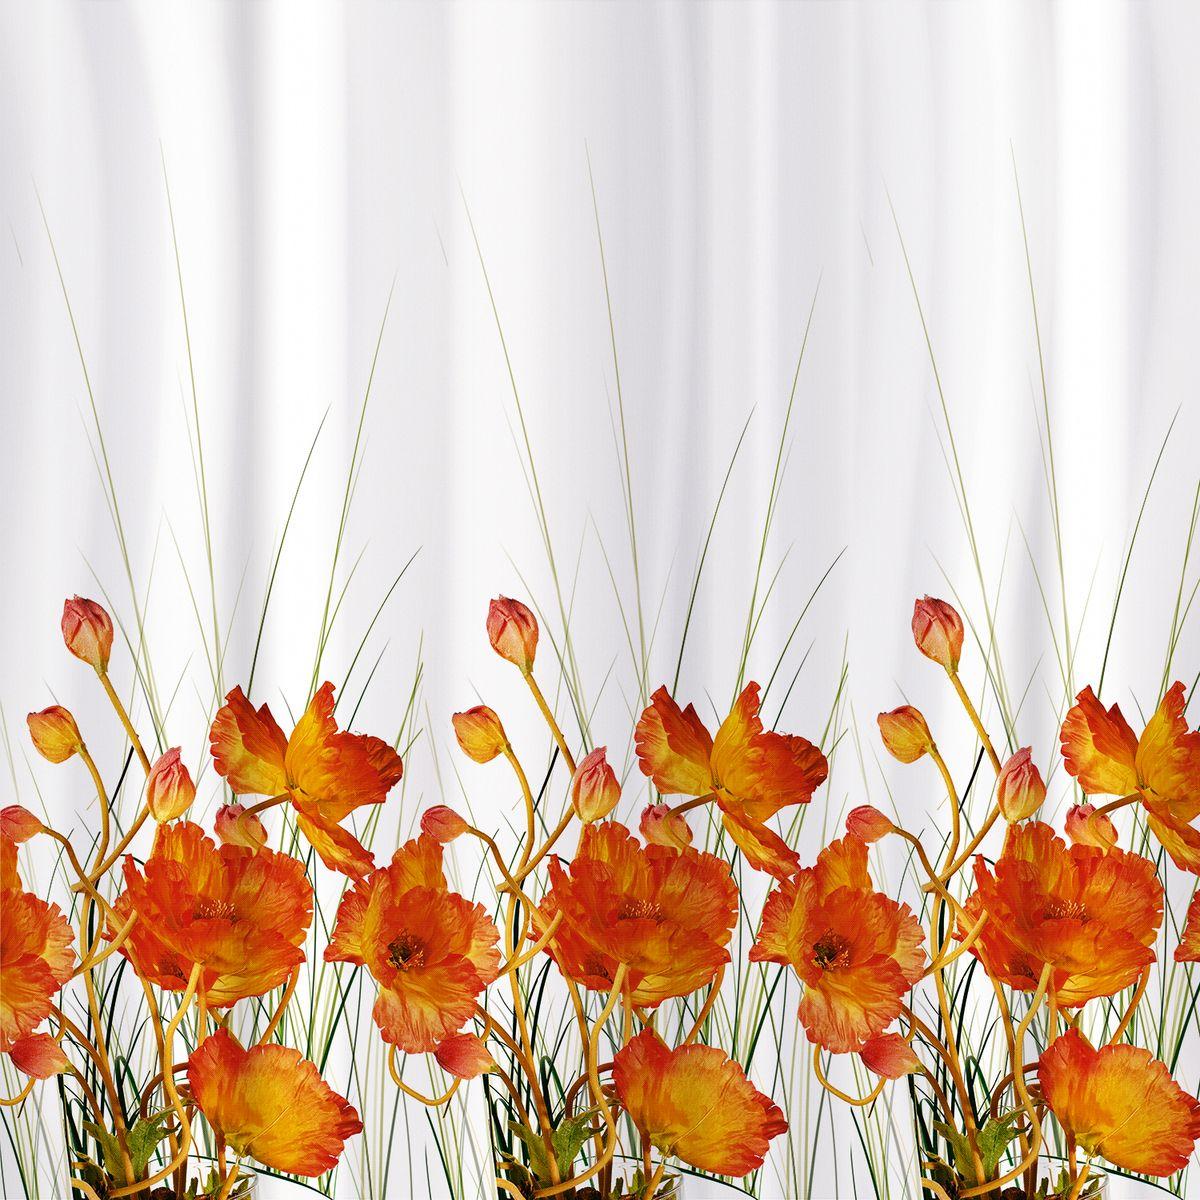 Штора для ванной Tatkraft French Poppies Textile, цвет: белый, оранжевый, 180 х 180 см двойная штора для ванной